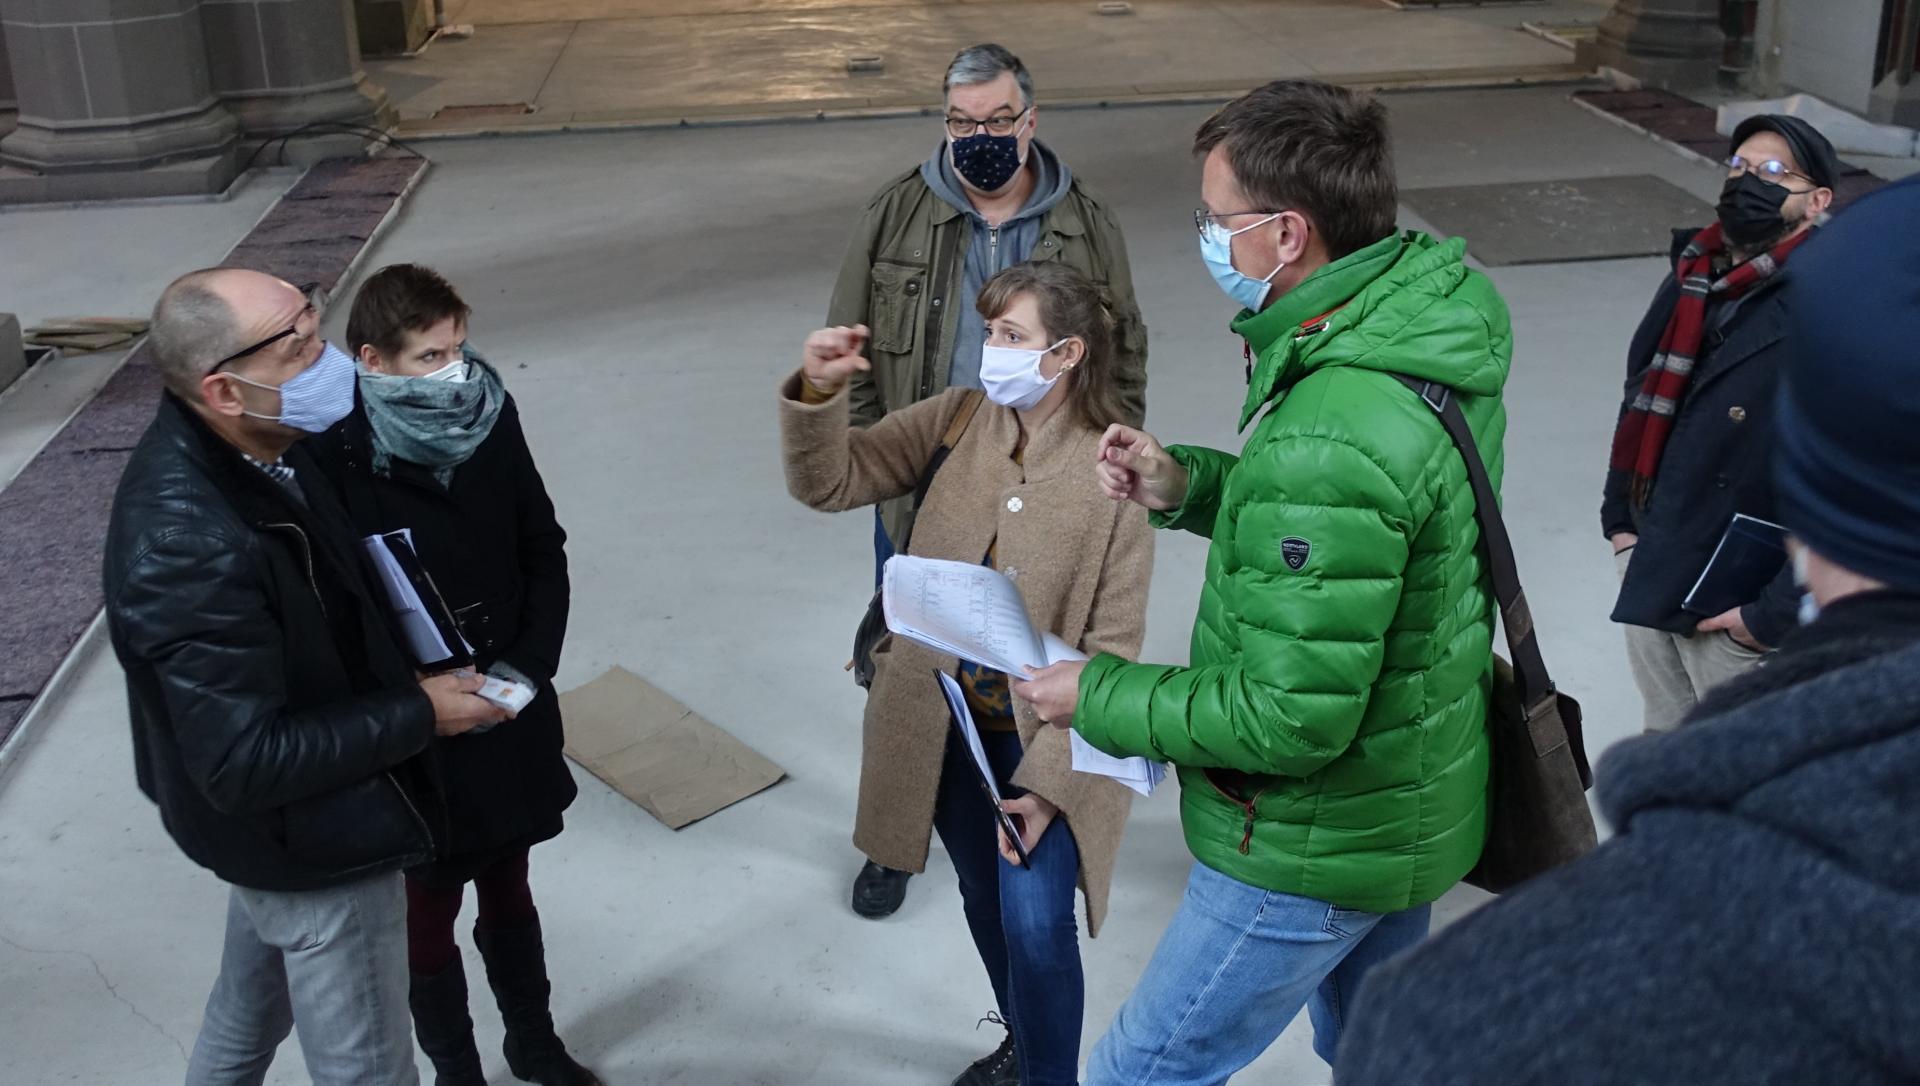 Bild 250 Frank Schneemelcher und seine Mitarbeiterin K. Berlin besprechen mit Nicole Sterzing die Fensterflügel zum Ausgleich der Luftfeuchtigkeit im Kirchenschiff (vier Fensterflügel wird es geben- automatische Regulierung)